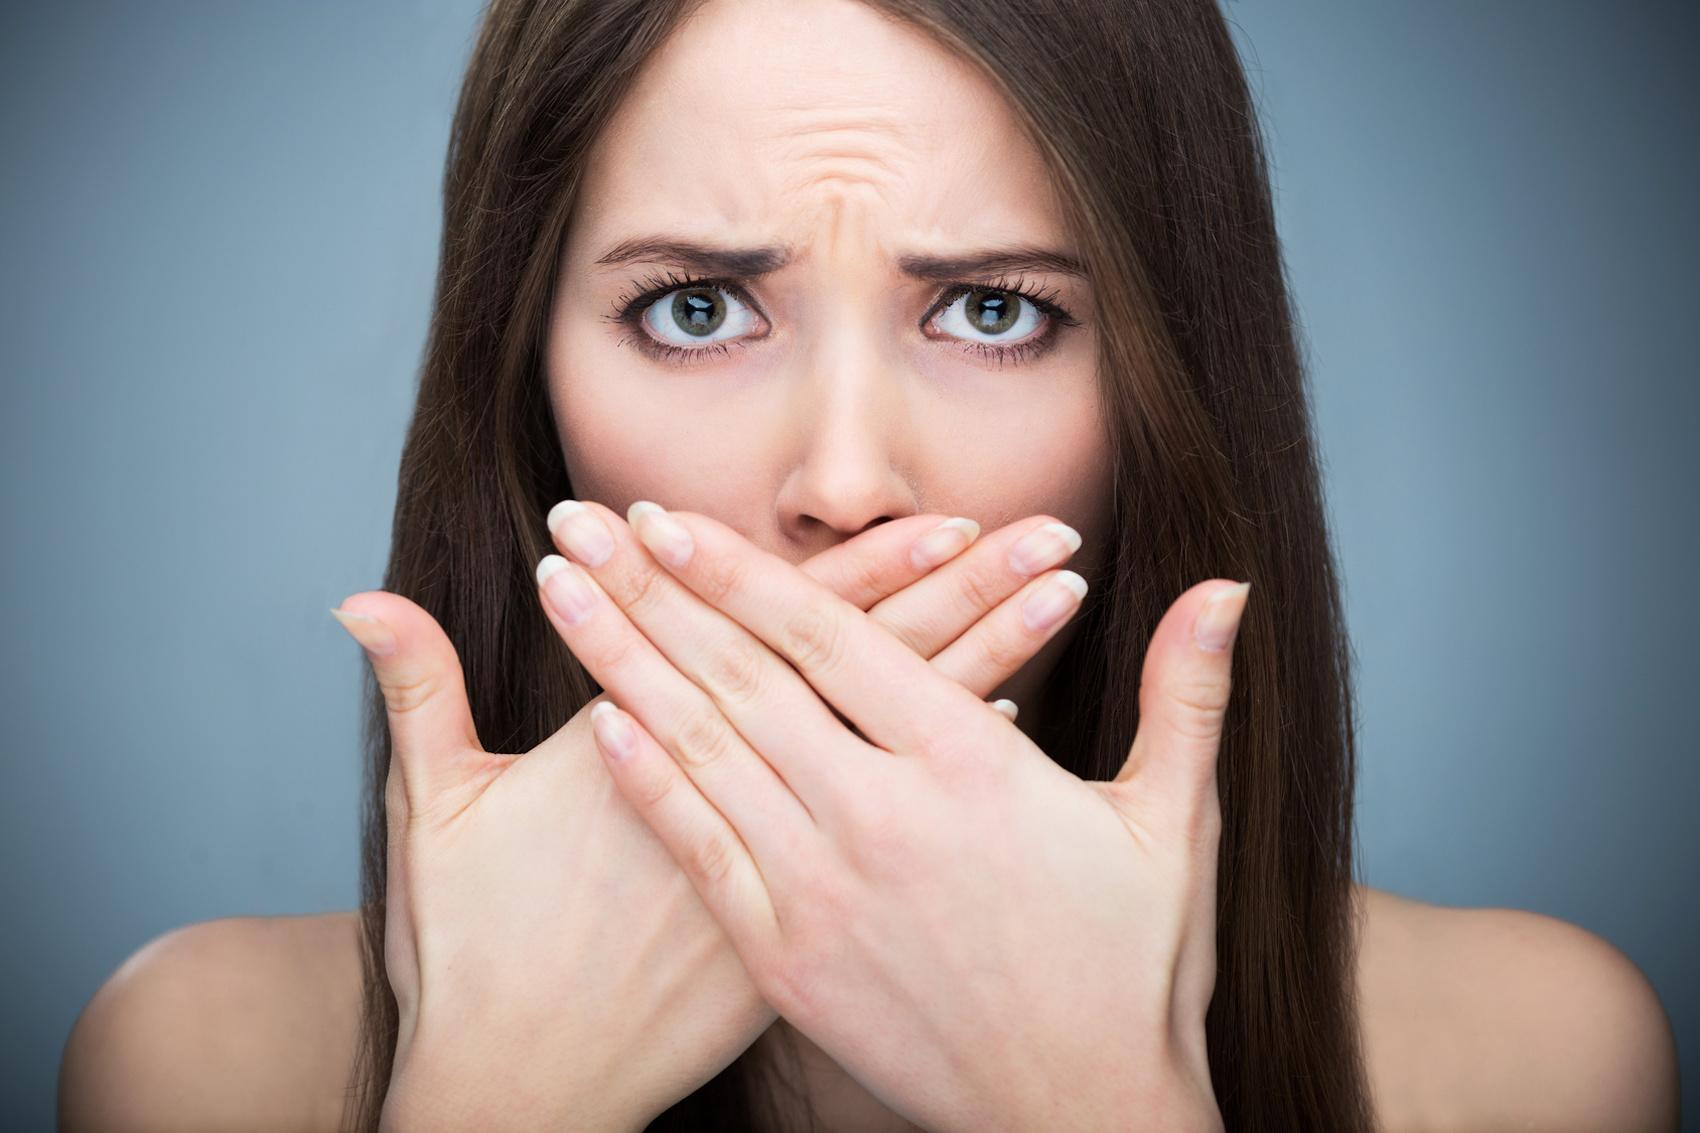 probleme cu respiratia urat mirositoare hpv virus vaccine pros and cons